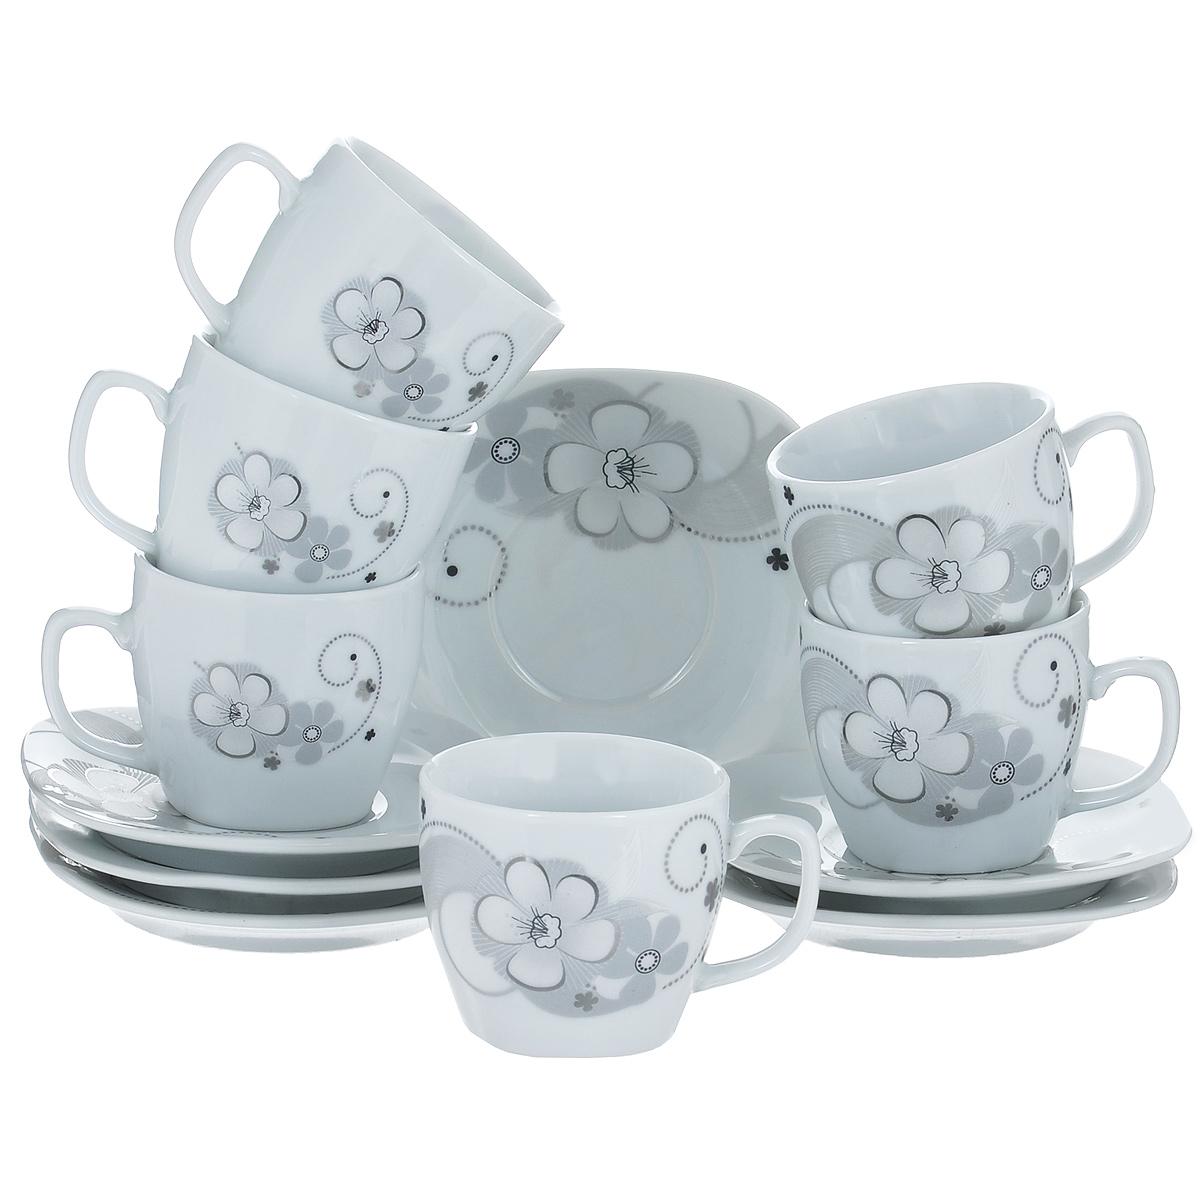 Набор кофейный Bekker, 12 предметов595-200Набор кофейный Bekker состоит из 6 чашек и 6 блюдец. Чашки и блюдца изготовлены из высококачественного фарфора с изображением цветов. Такой дизайн, несомненно, придется по вкусу и ценителям классики, и тем, кто предпочитает утонченность и изящность. Набор кофейный на подставке Bekkerукрасит ваш кухонный стол, а также станет замечательным подарком к любому празднику. Набор упакован в подарочную коробку из плотного цветного картона. Внутренняя часть коробки задрапирована белой атласной тканью, и каждый предмет надежно крепится в определенном положении благодаря особым выемкам в коробке. Можно мыть в посудомоечной машине.